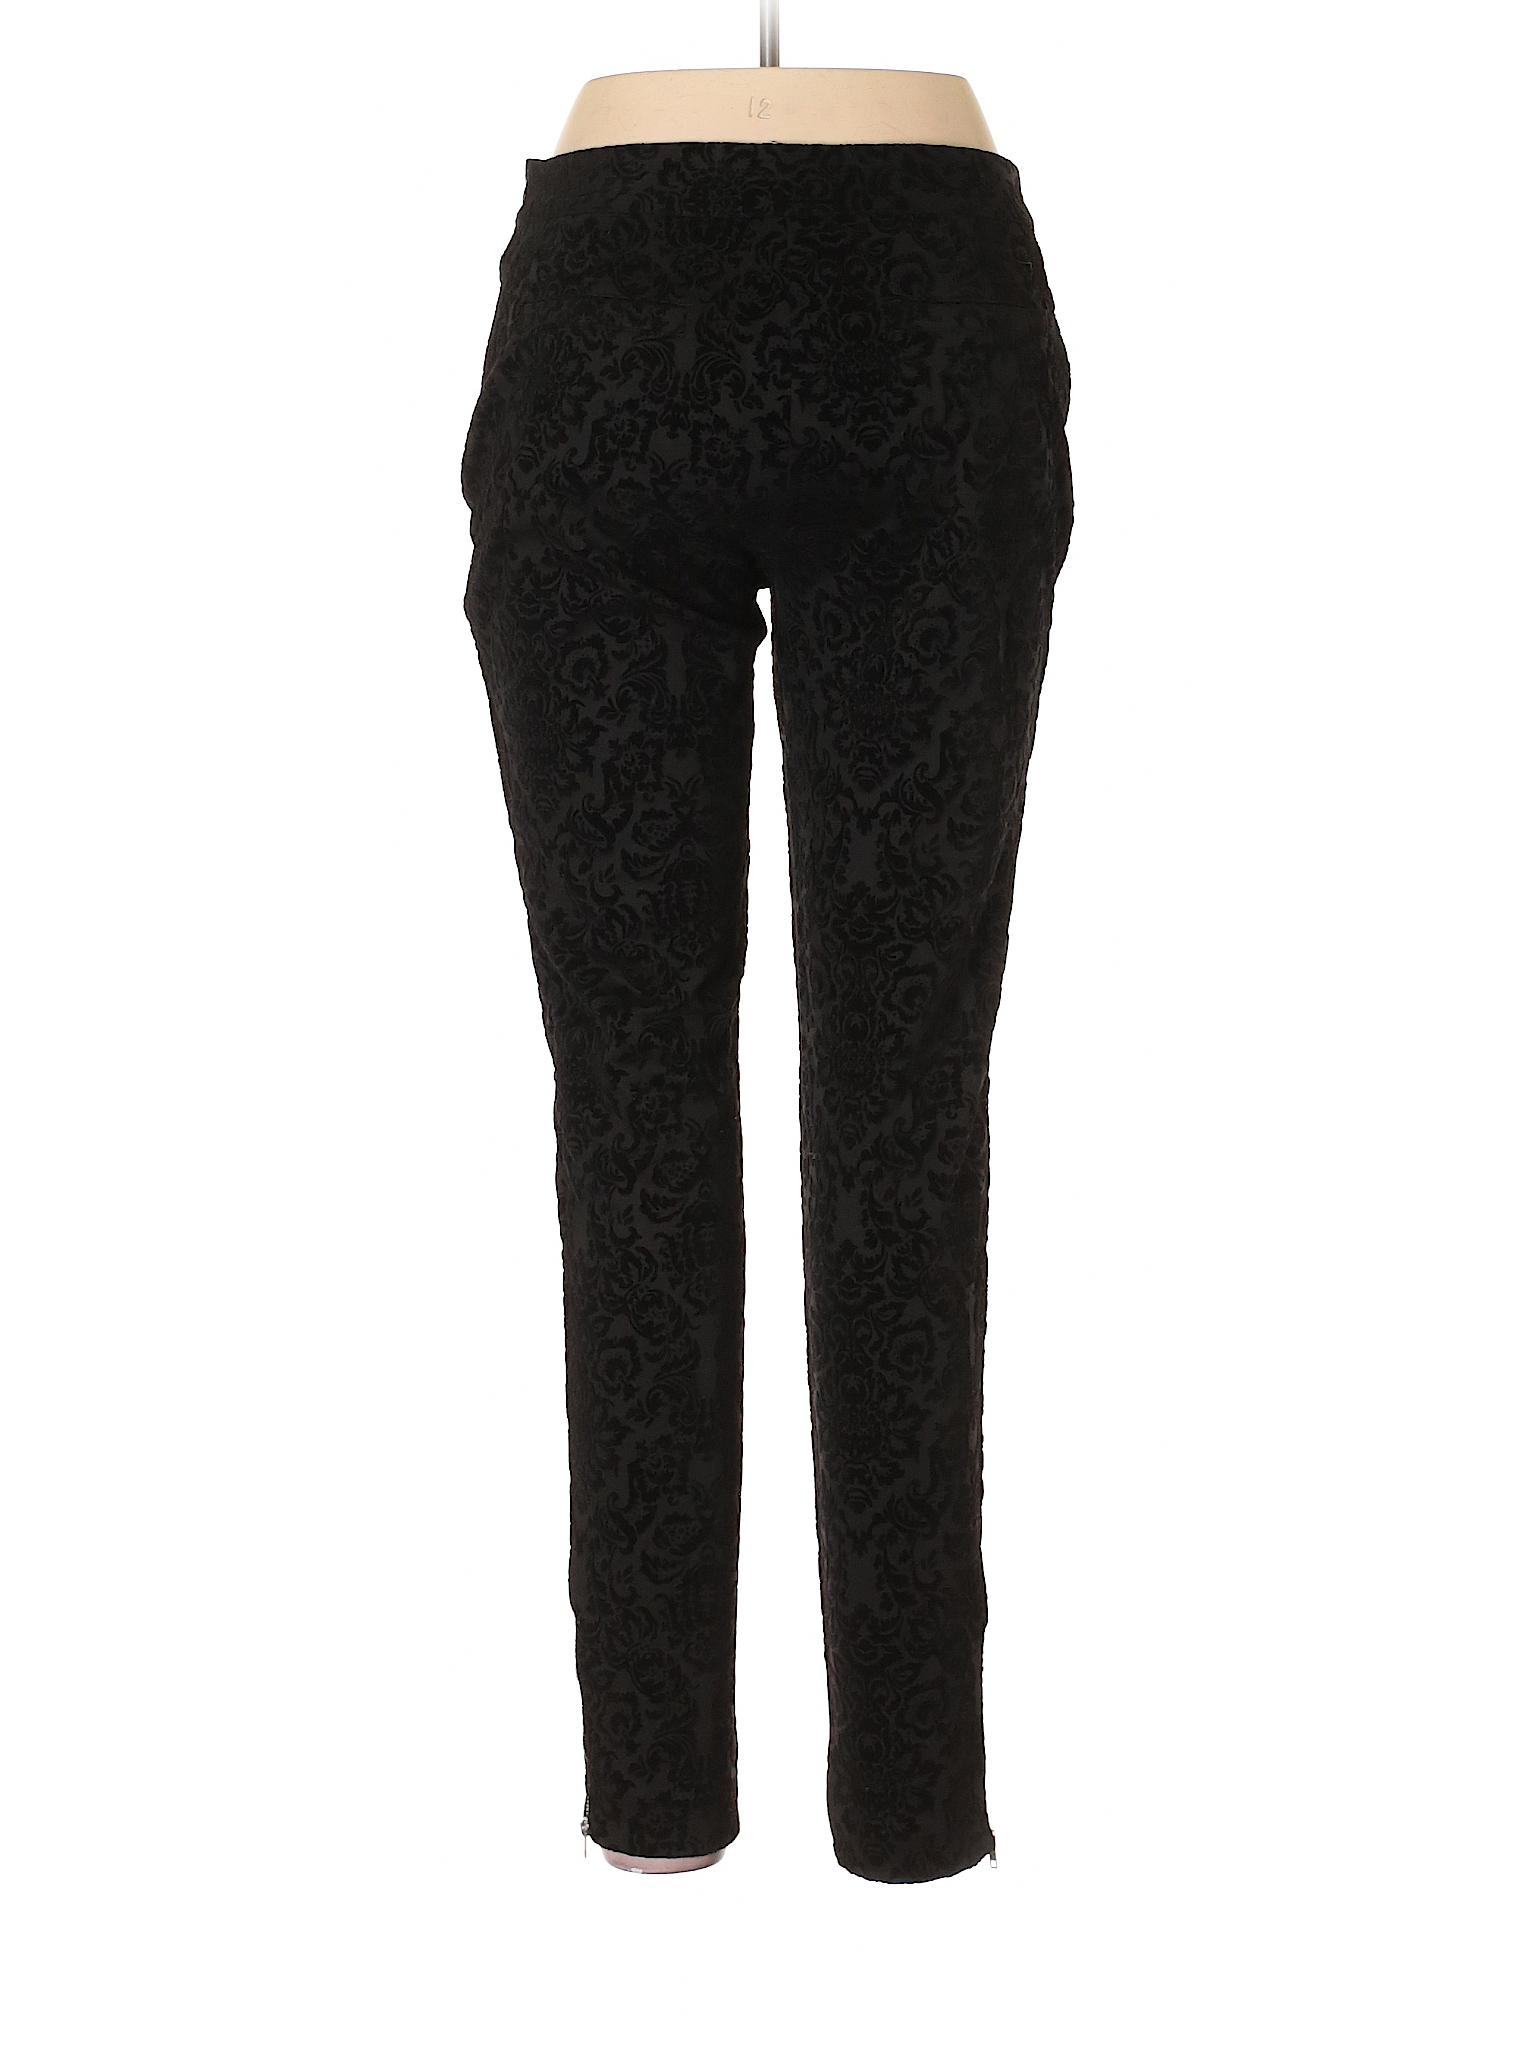 Couture Romeo leisure Pants Juliet Boutique amp; Dress qPIw1FS